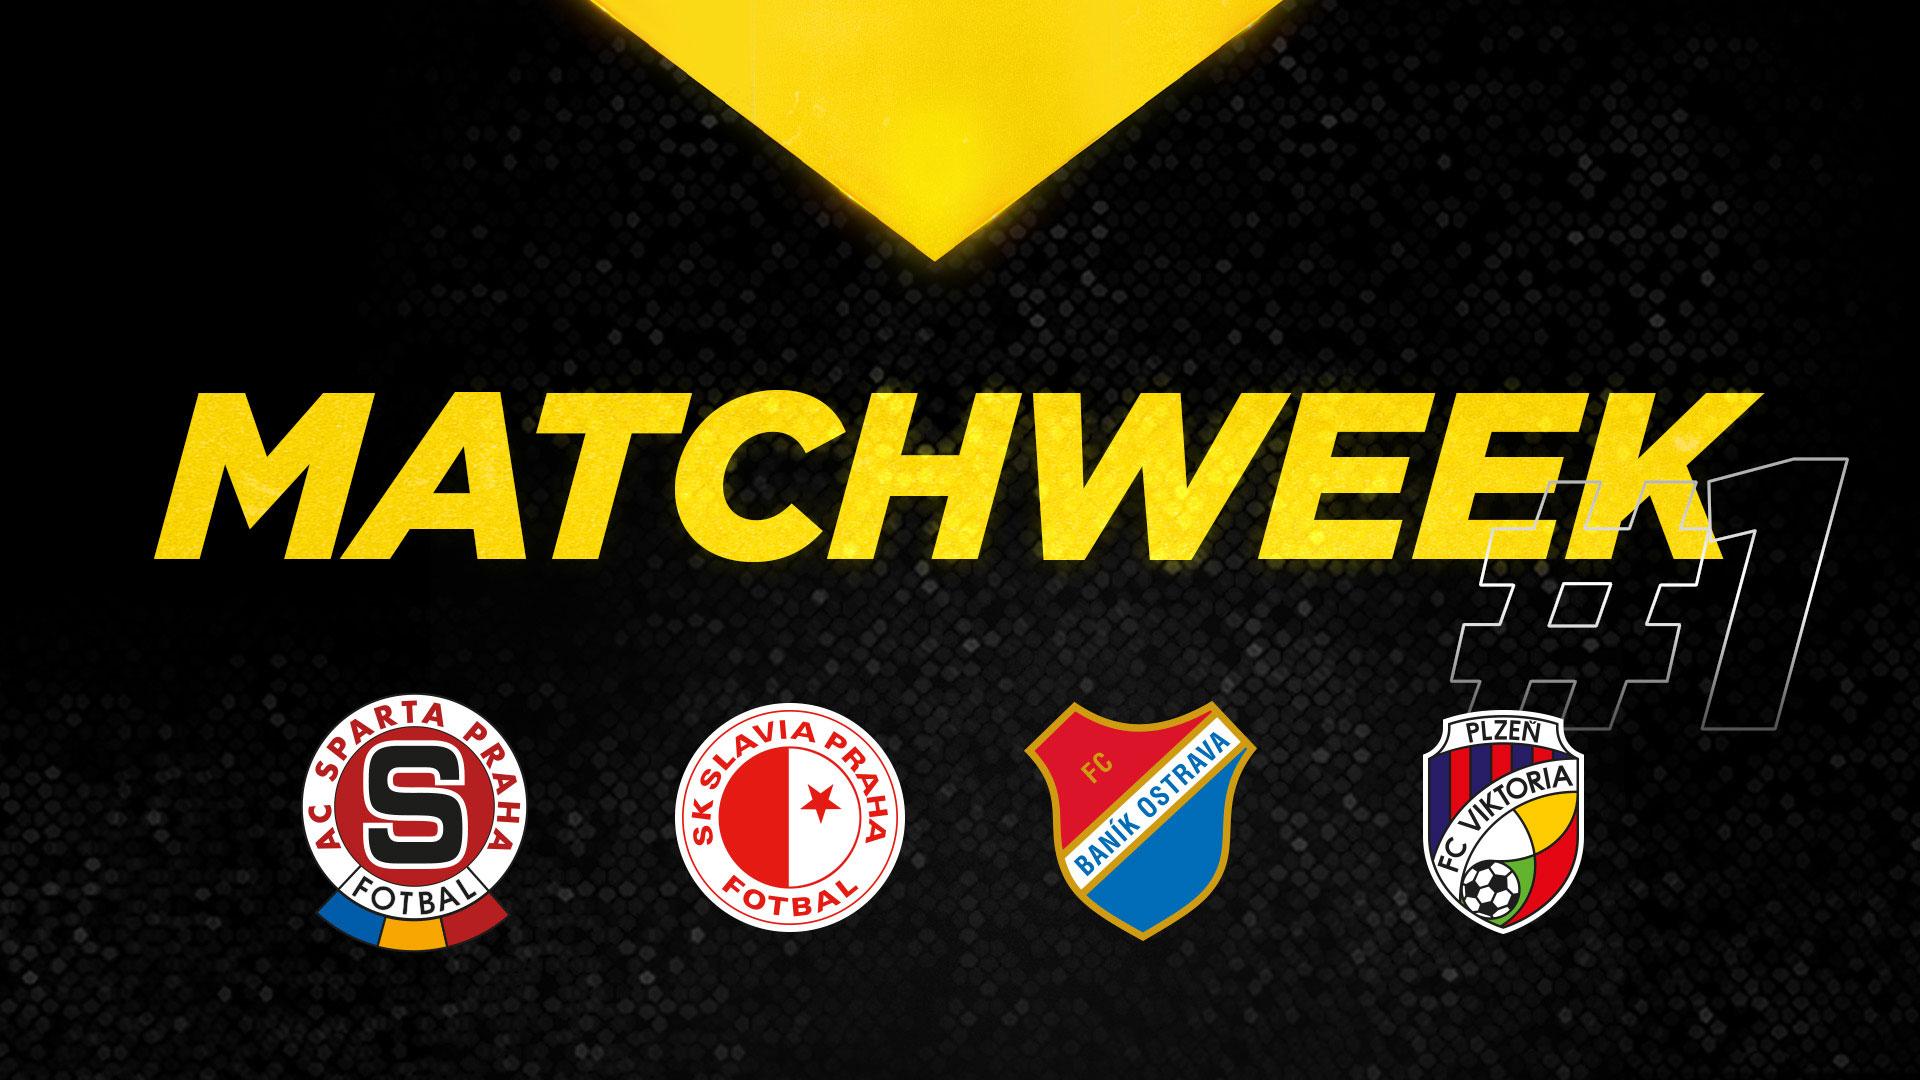 klubova-kola-sparty-slavie-baniku-a-viktorky-zakoncily-matchweek-1